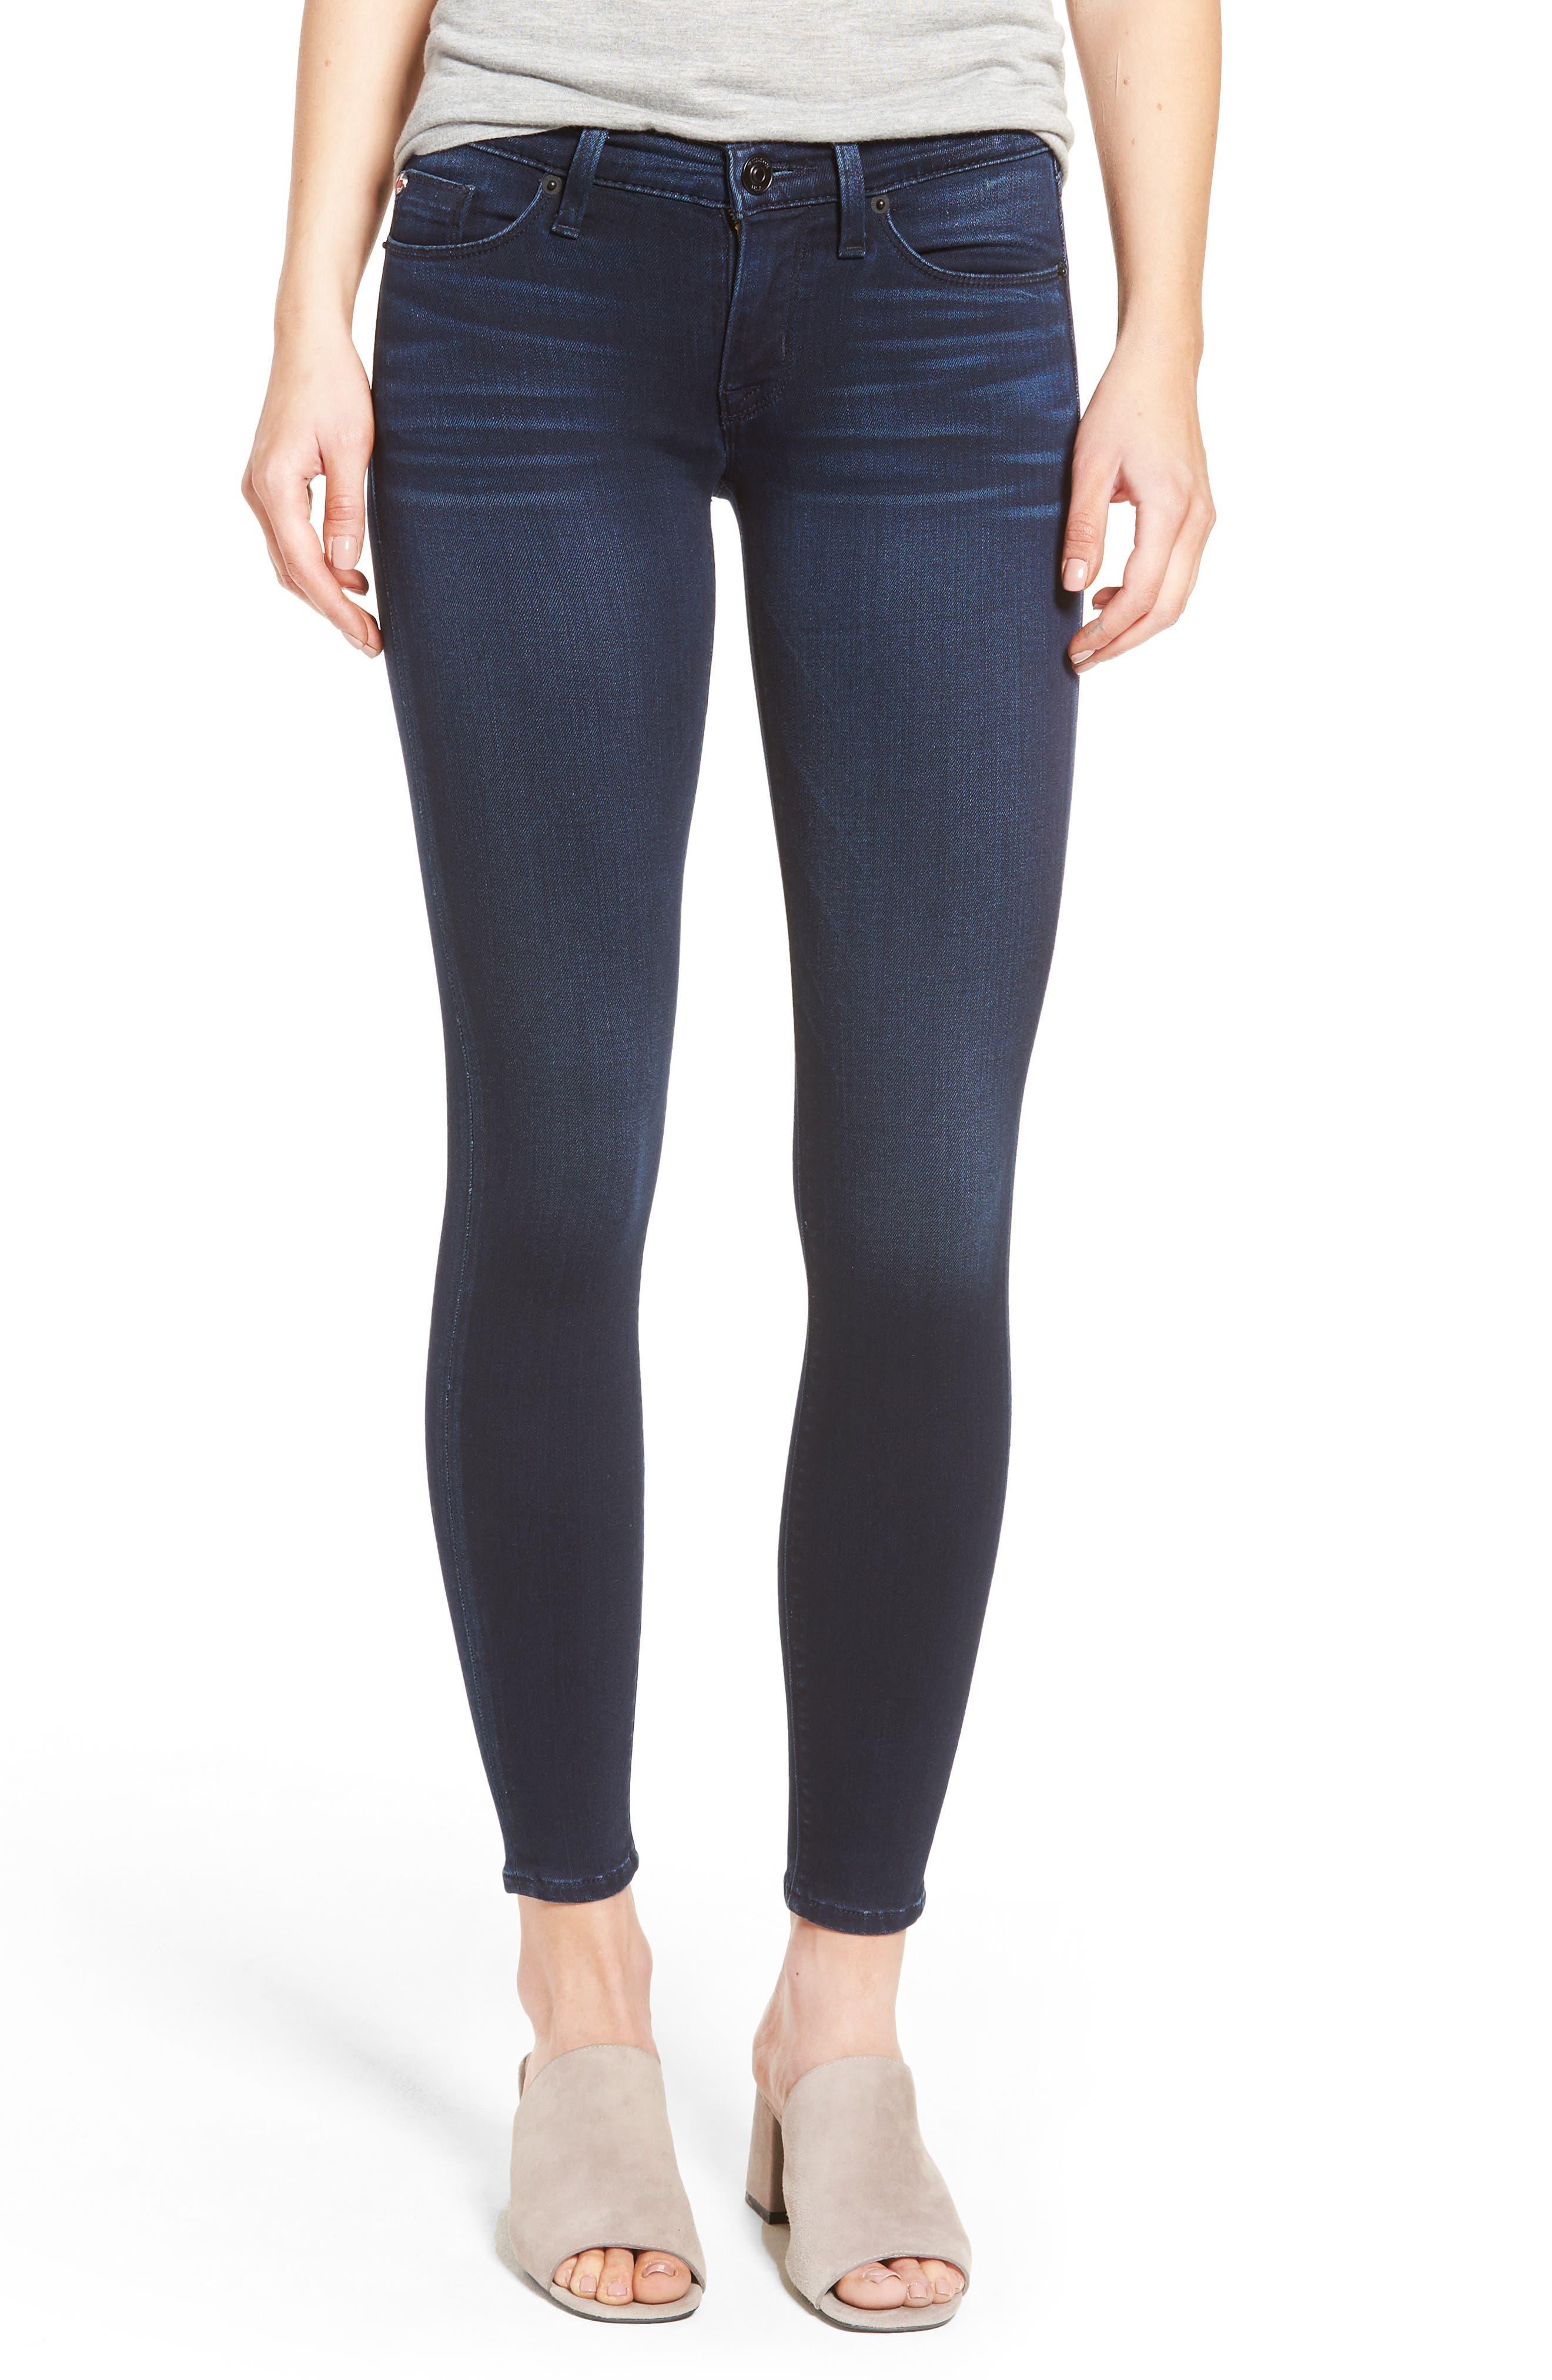 HUDSON JEANS Krista Super Skinny Crop Jeans